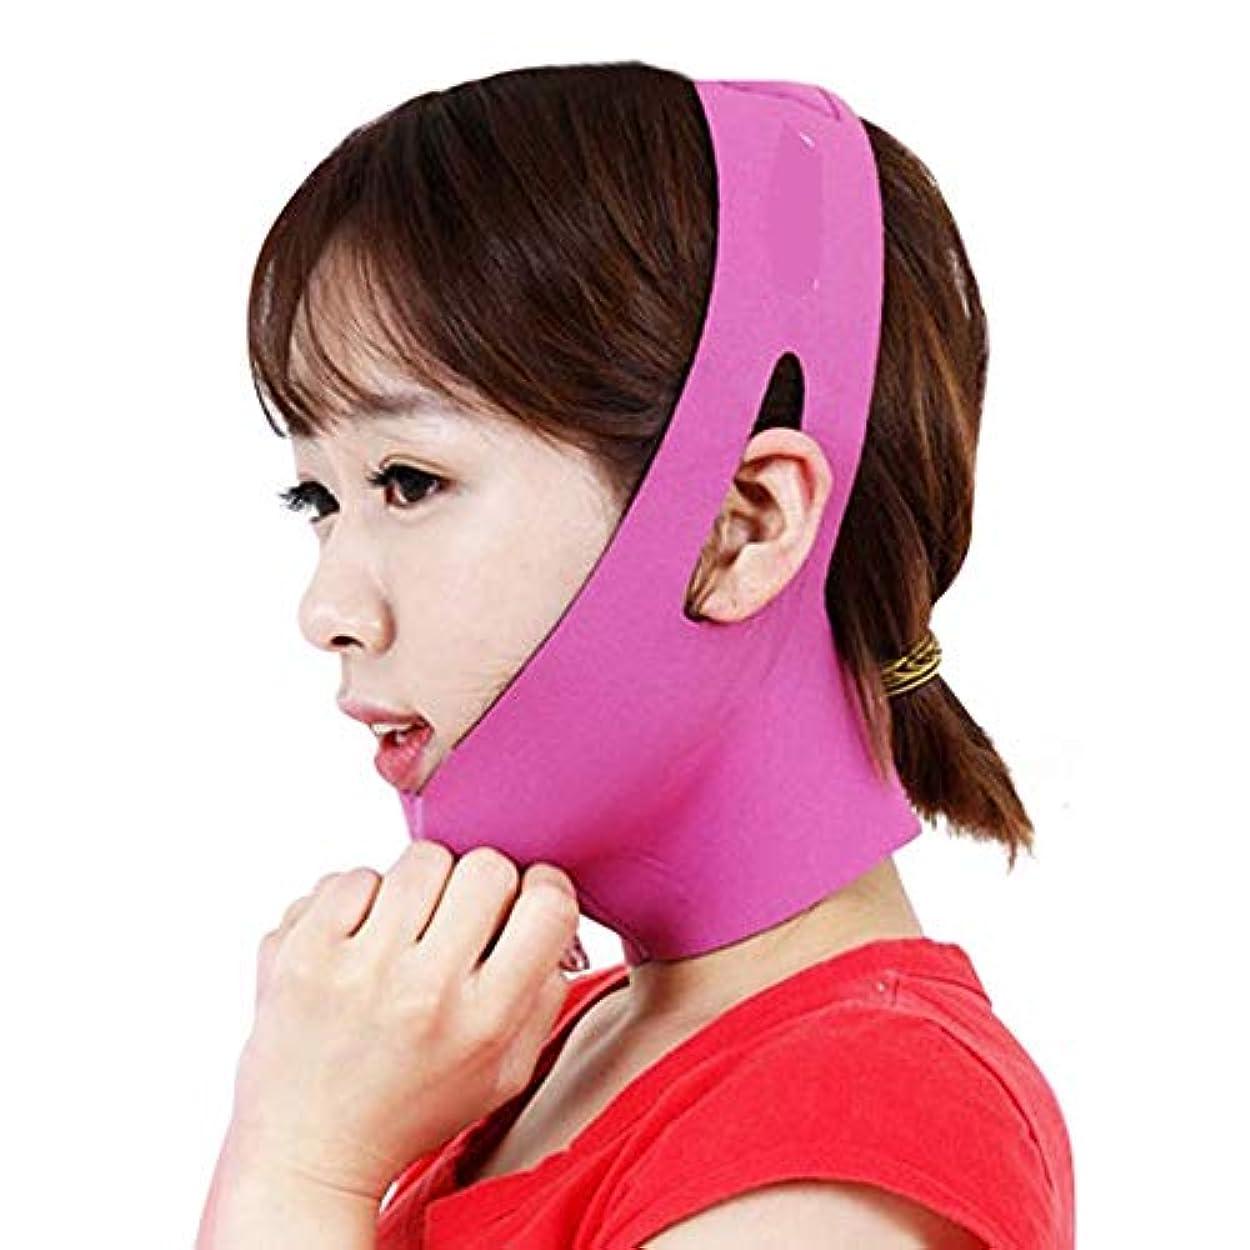 分布頭痛余暇BS フェイシャルリフティング痩身ベルト圧縮二重あご減量ベルトスキンケア薄い顔包帯二重あごワークアウト フェイスリフティングアーティファクト (Color : Pink)